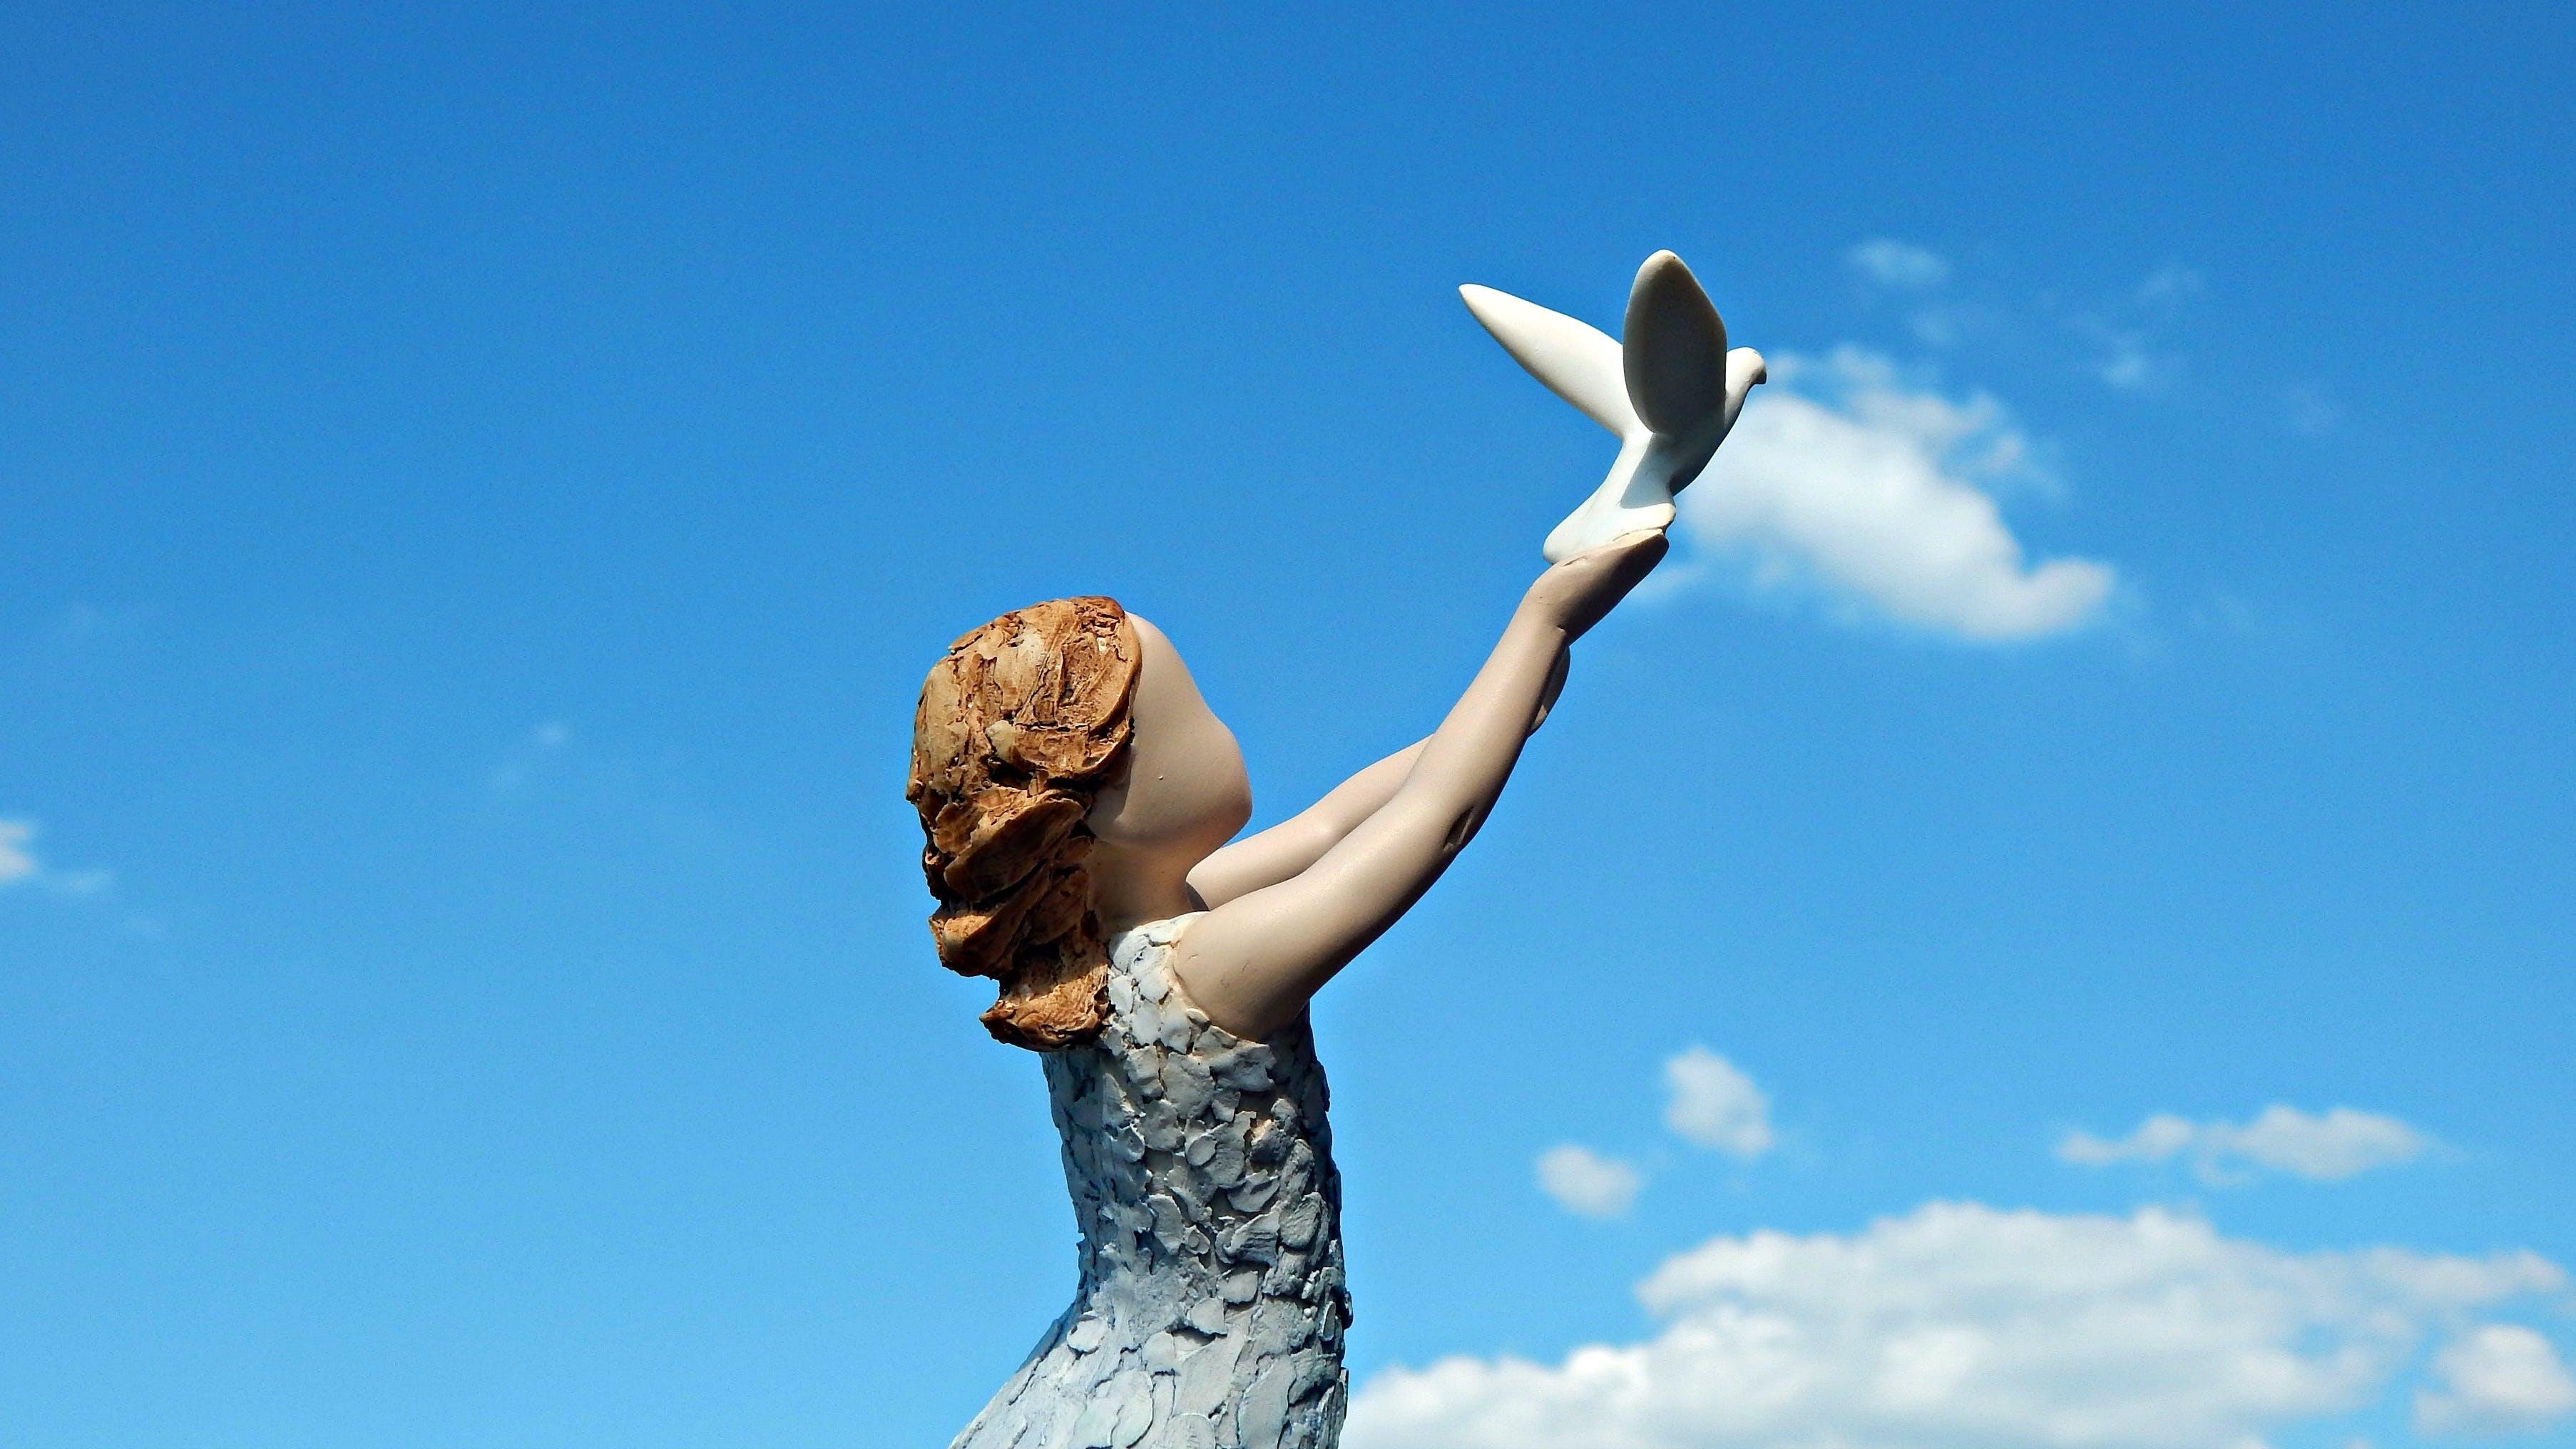 Free stock photo of statuette, figurine, arora, follow your dream